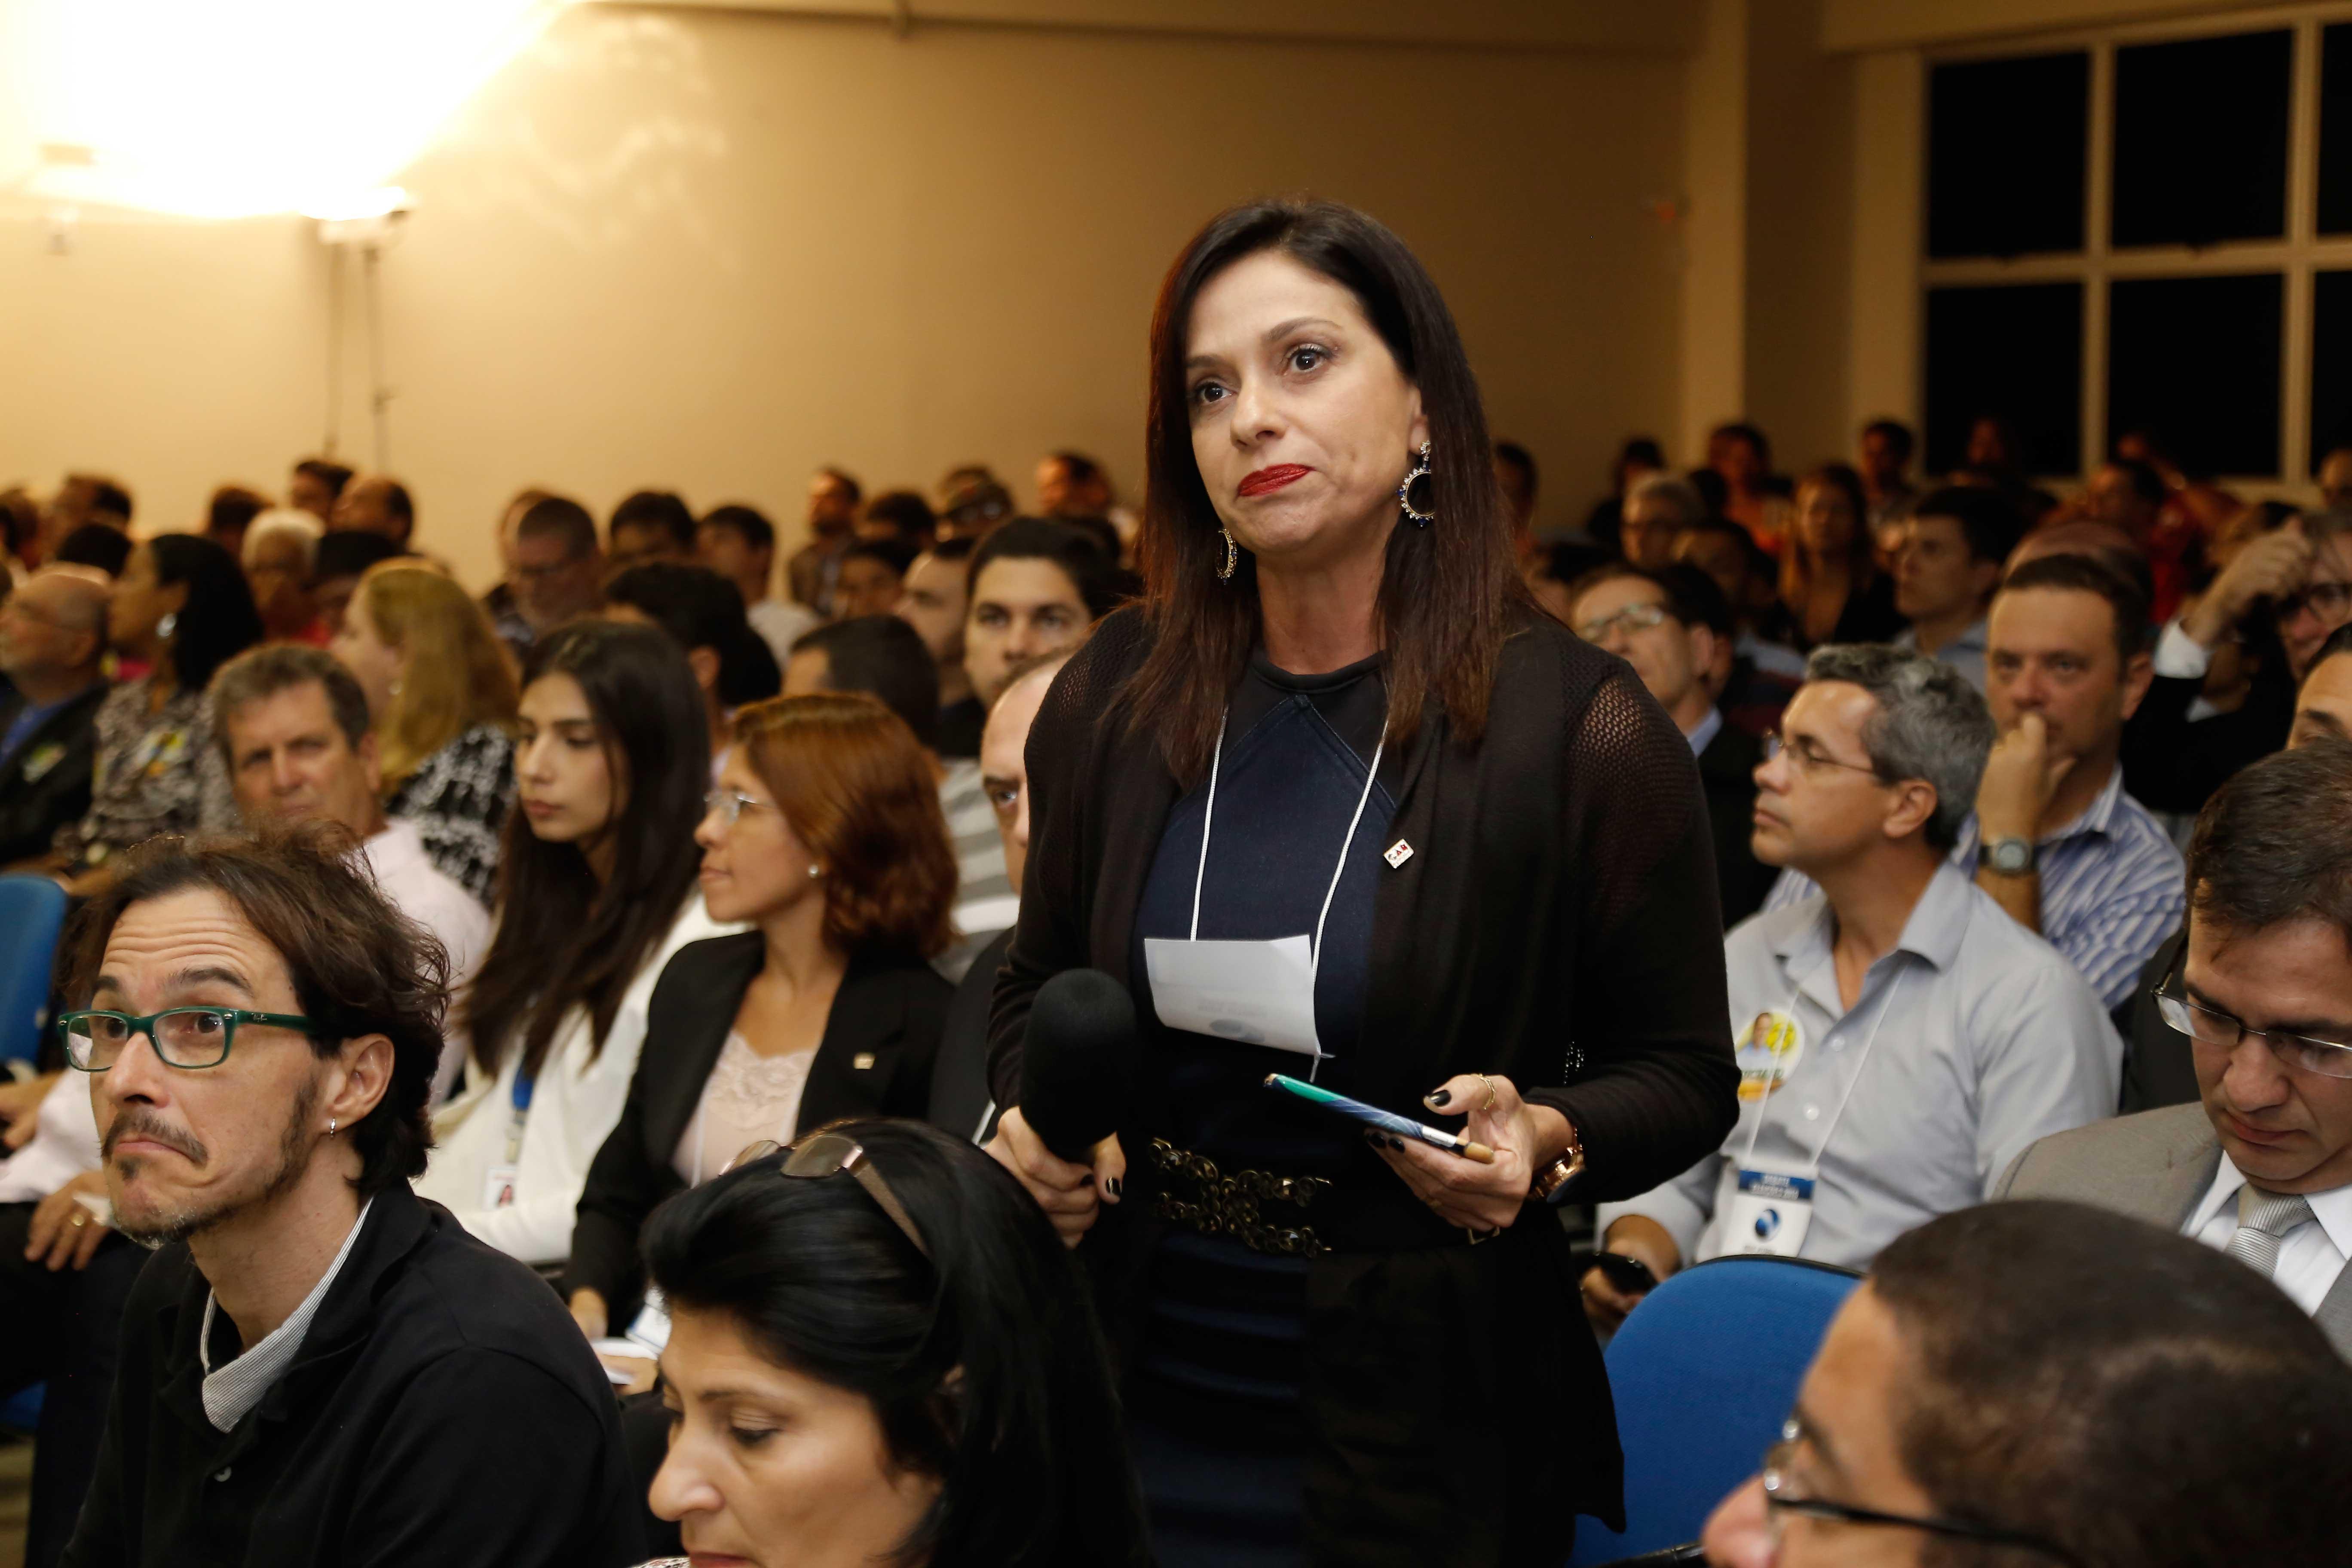 Flávia Brandão questiona Perly Cipriano. Foto: Fábio Machado/Folha Vitória.